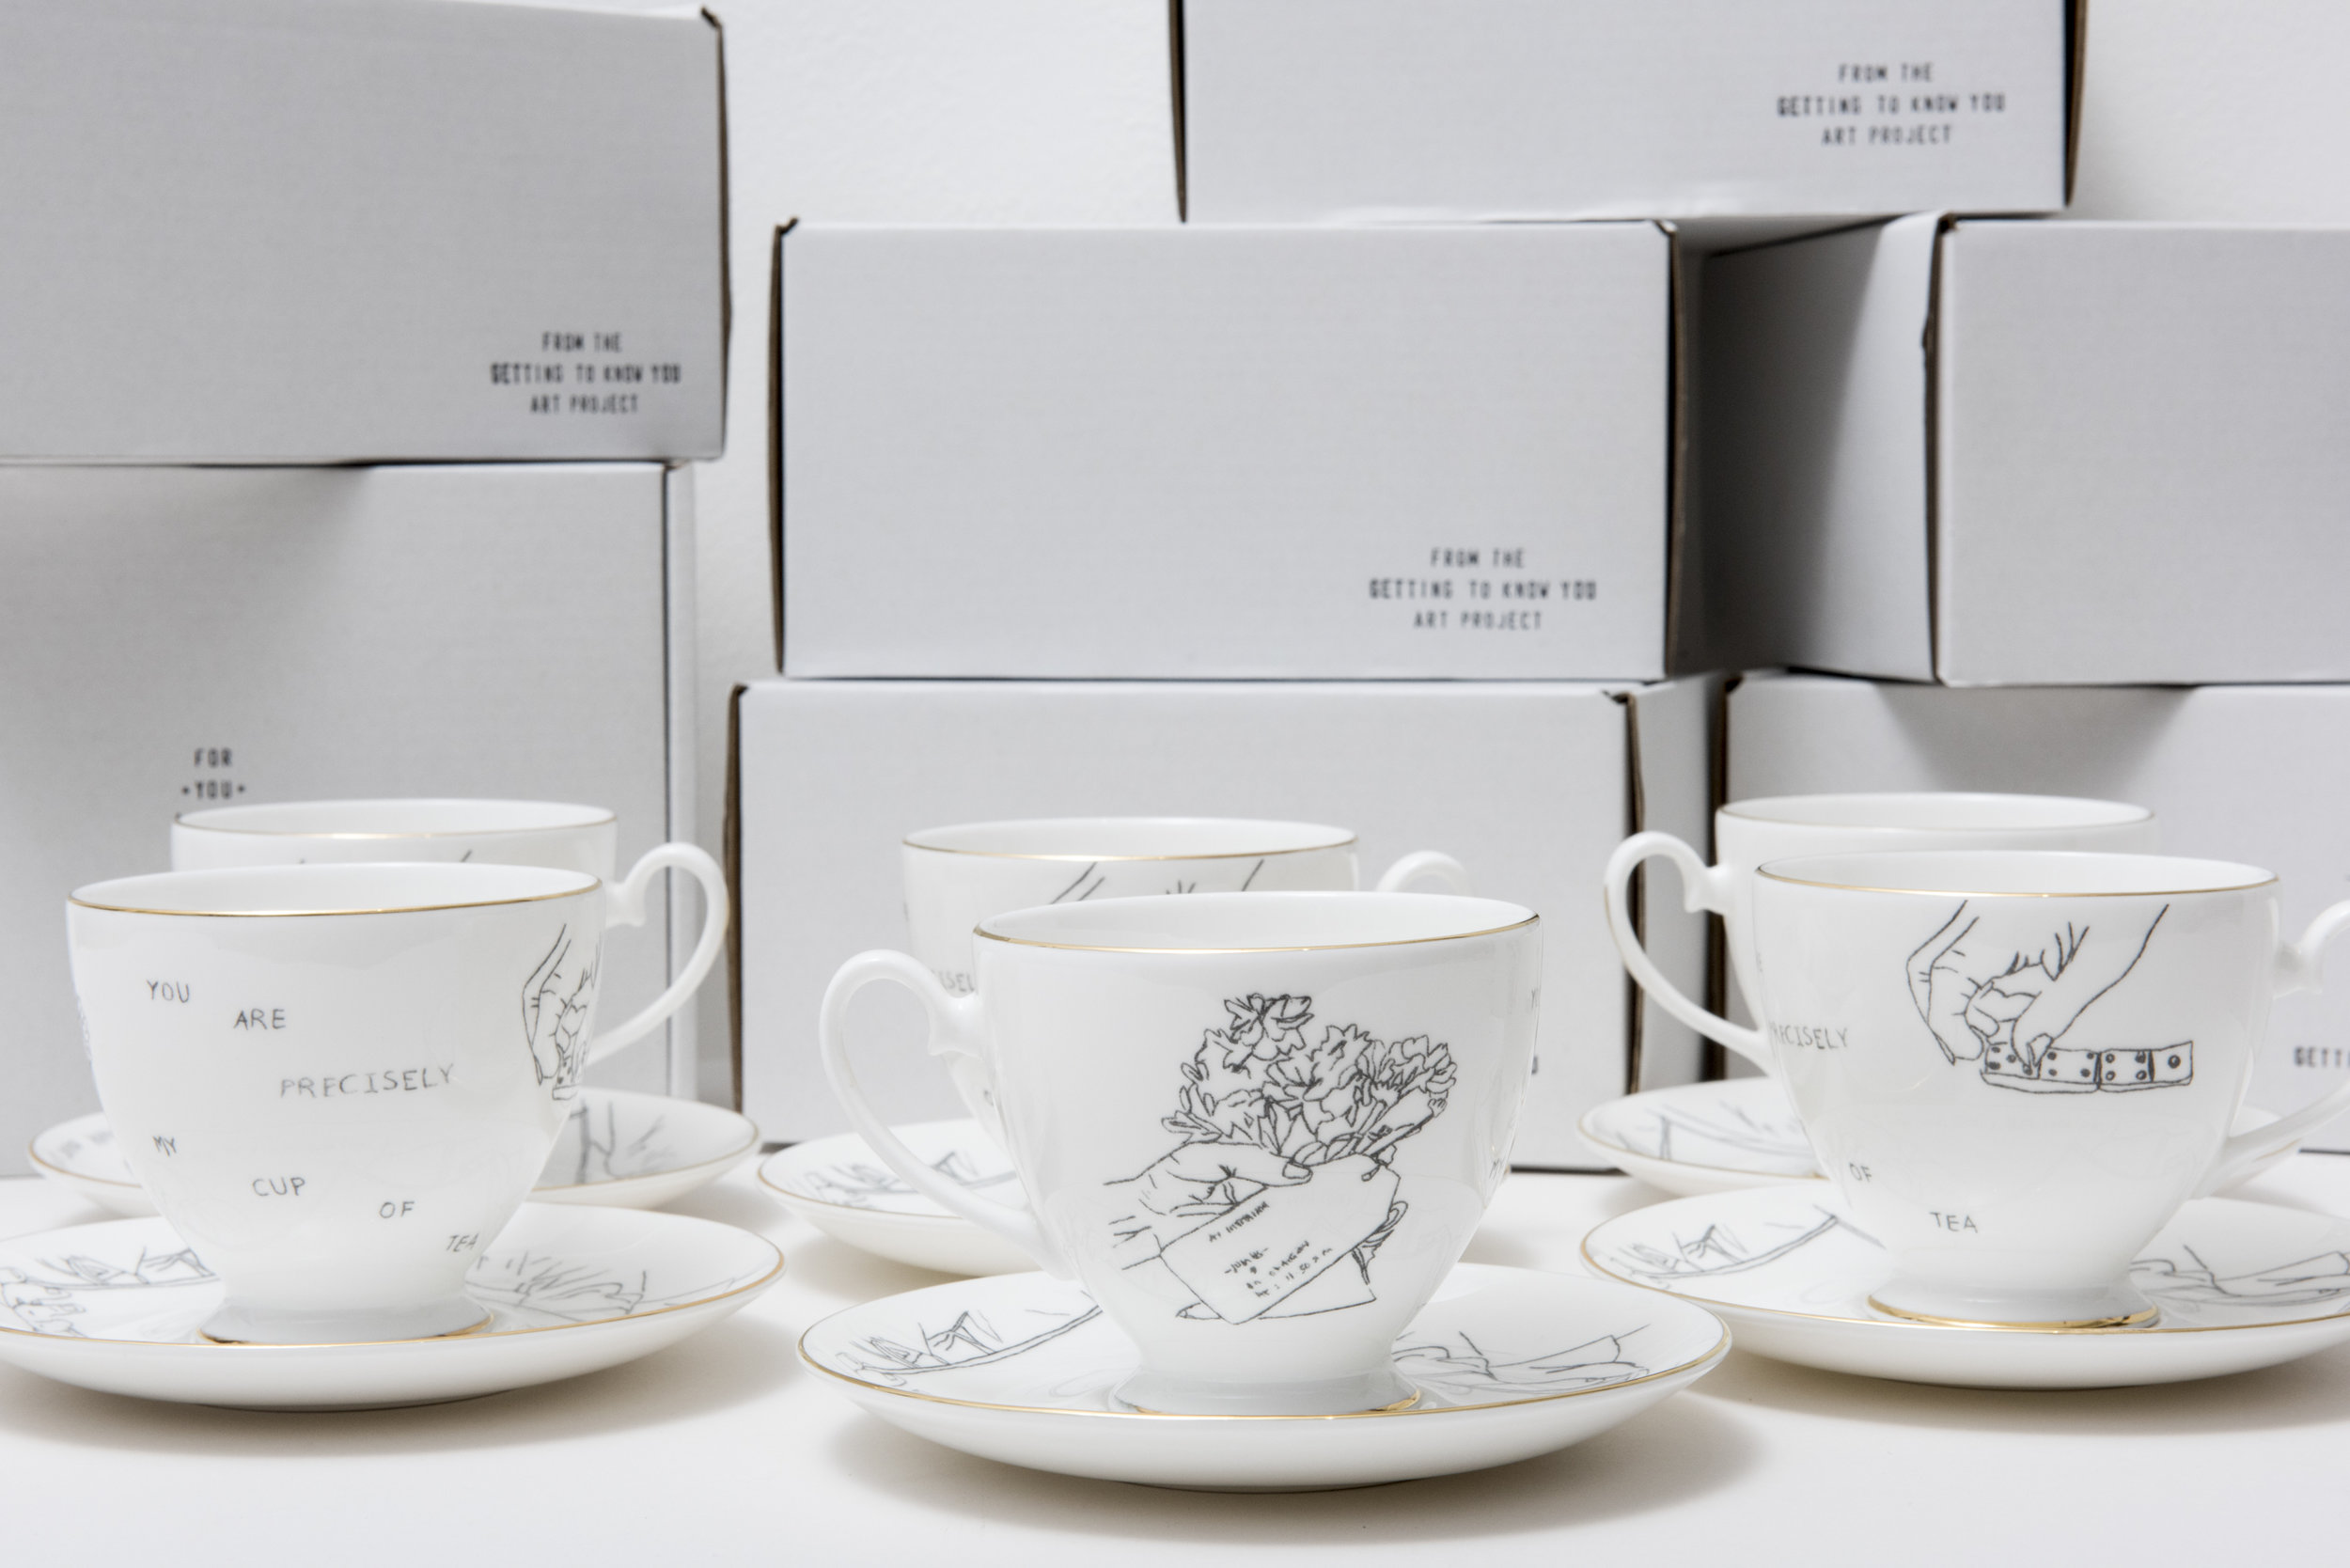 HOG Teacups_low res__22.jpg